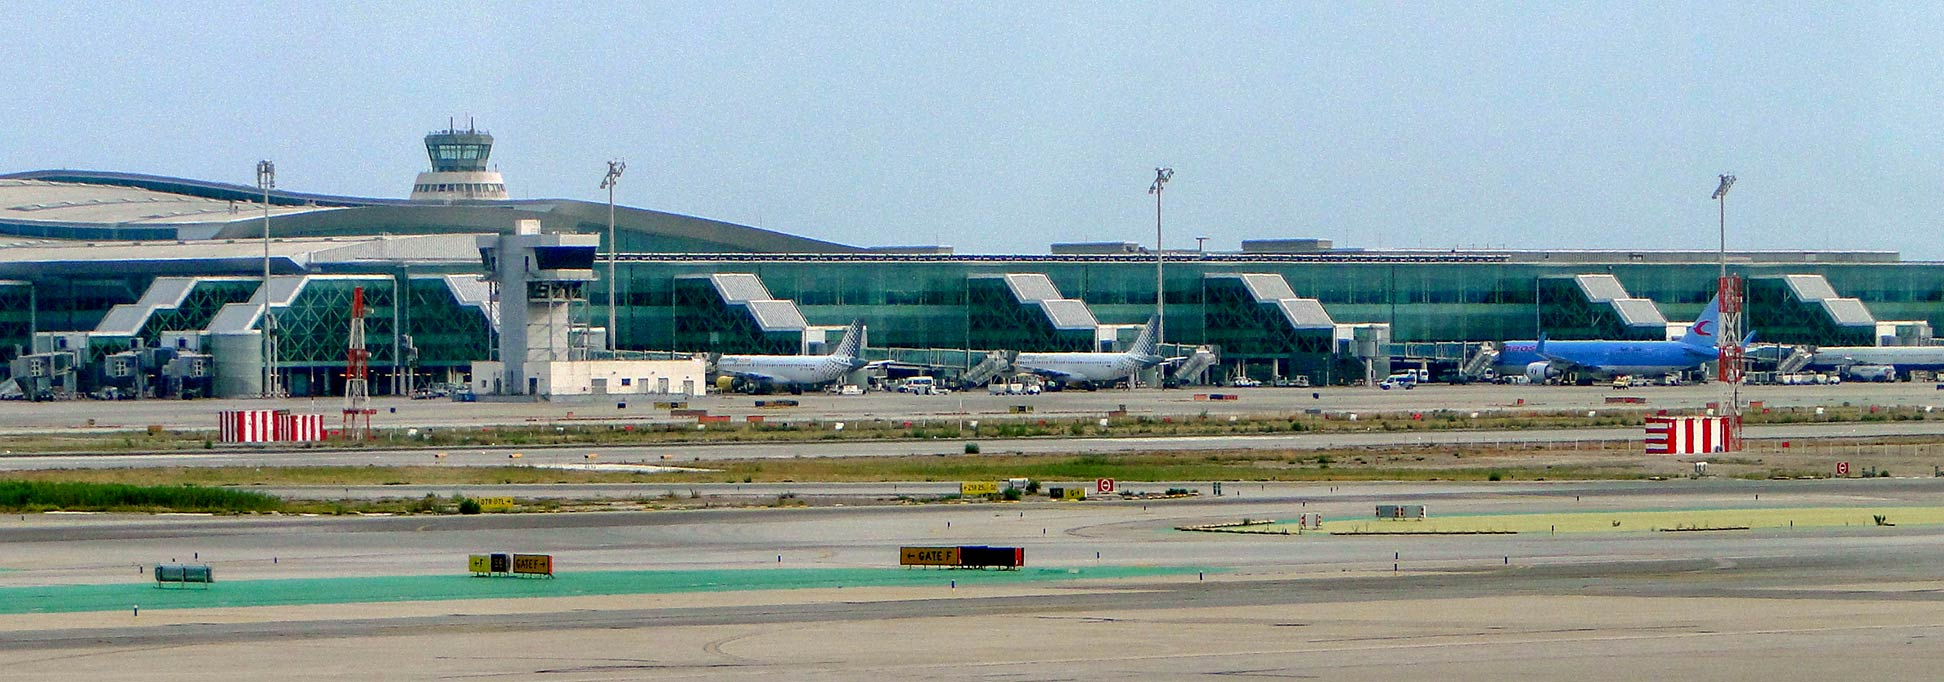 Airports around the World - IATA code: B - Nations Online